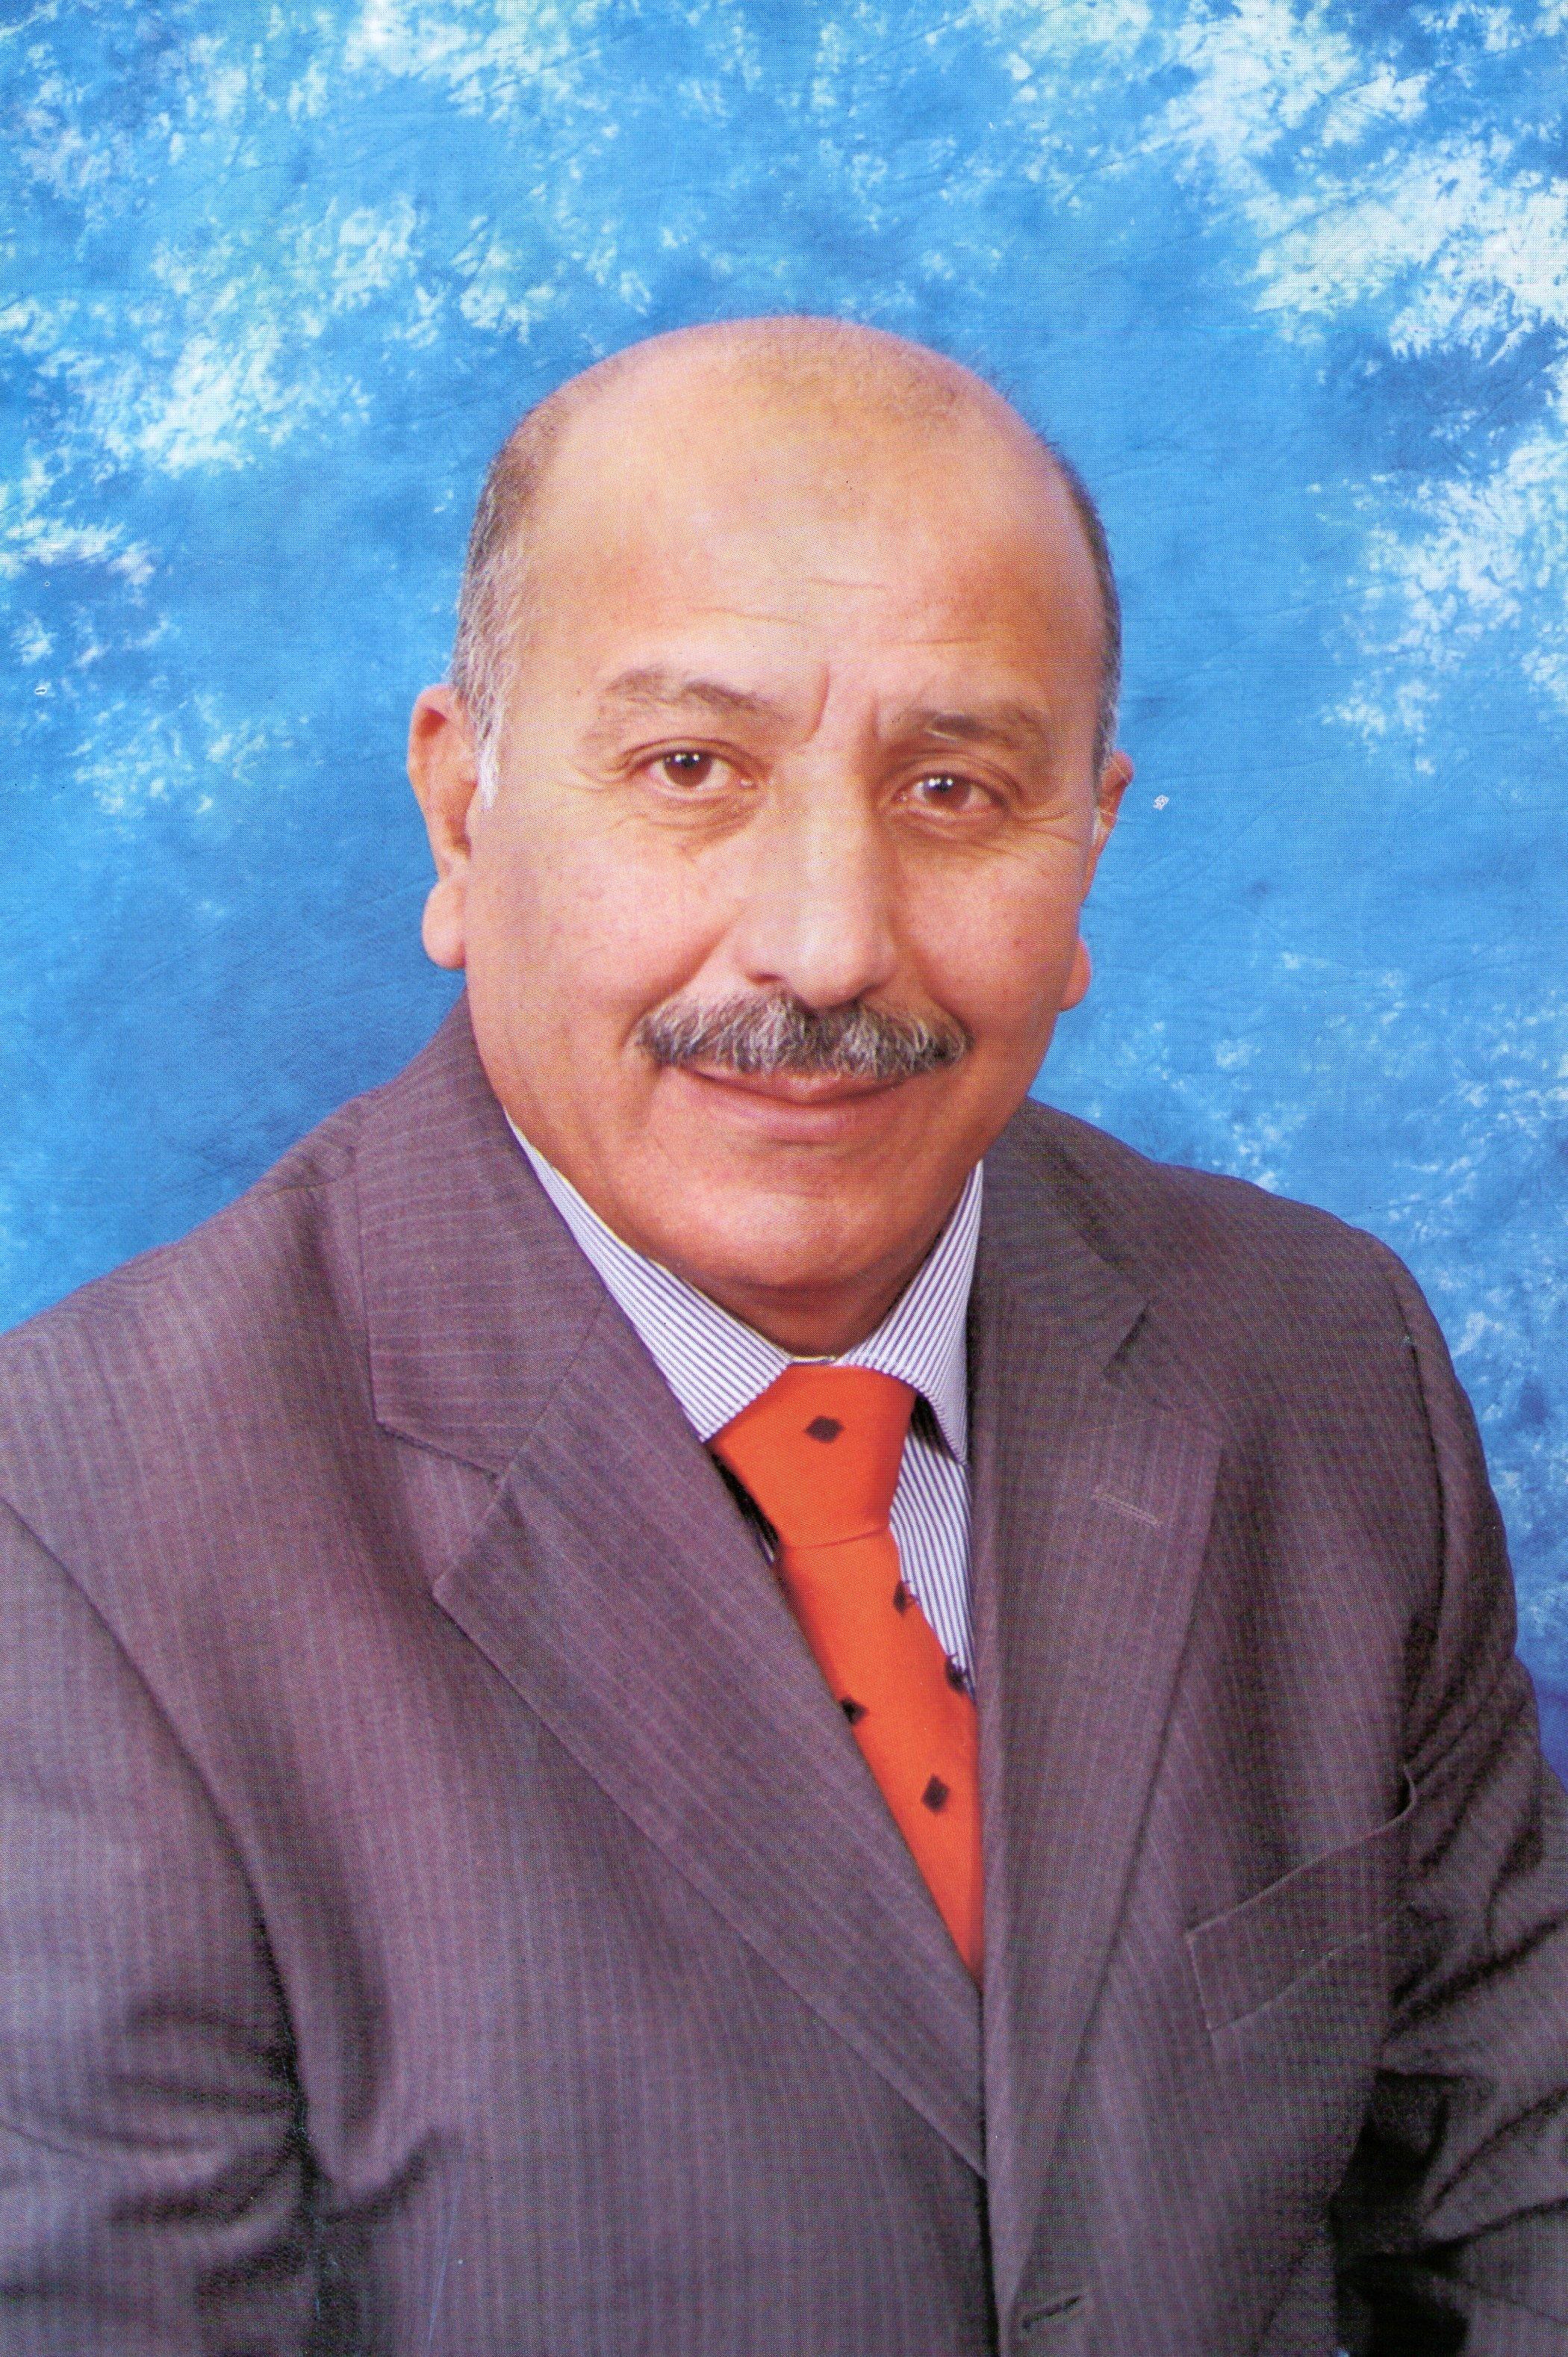 jalal hamdaoui 2016